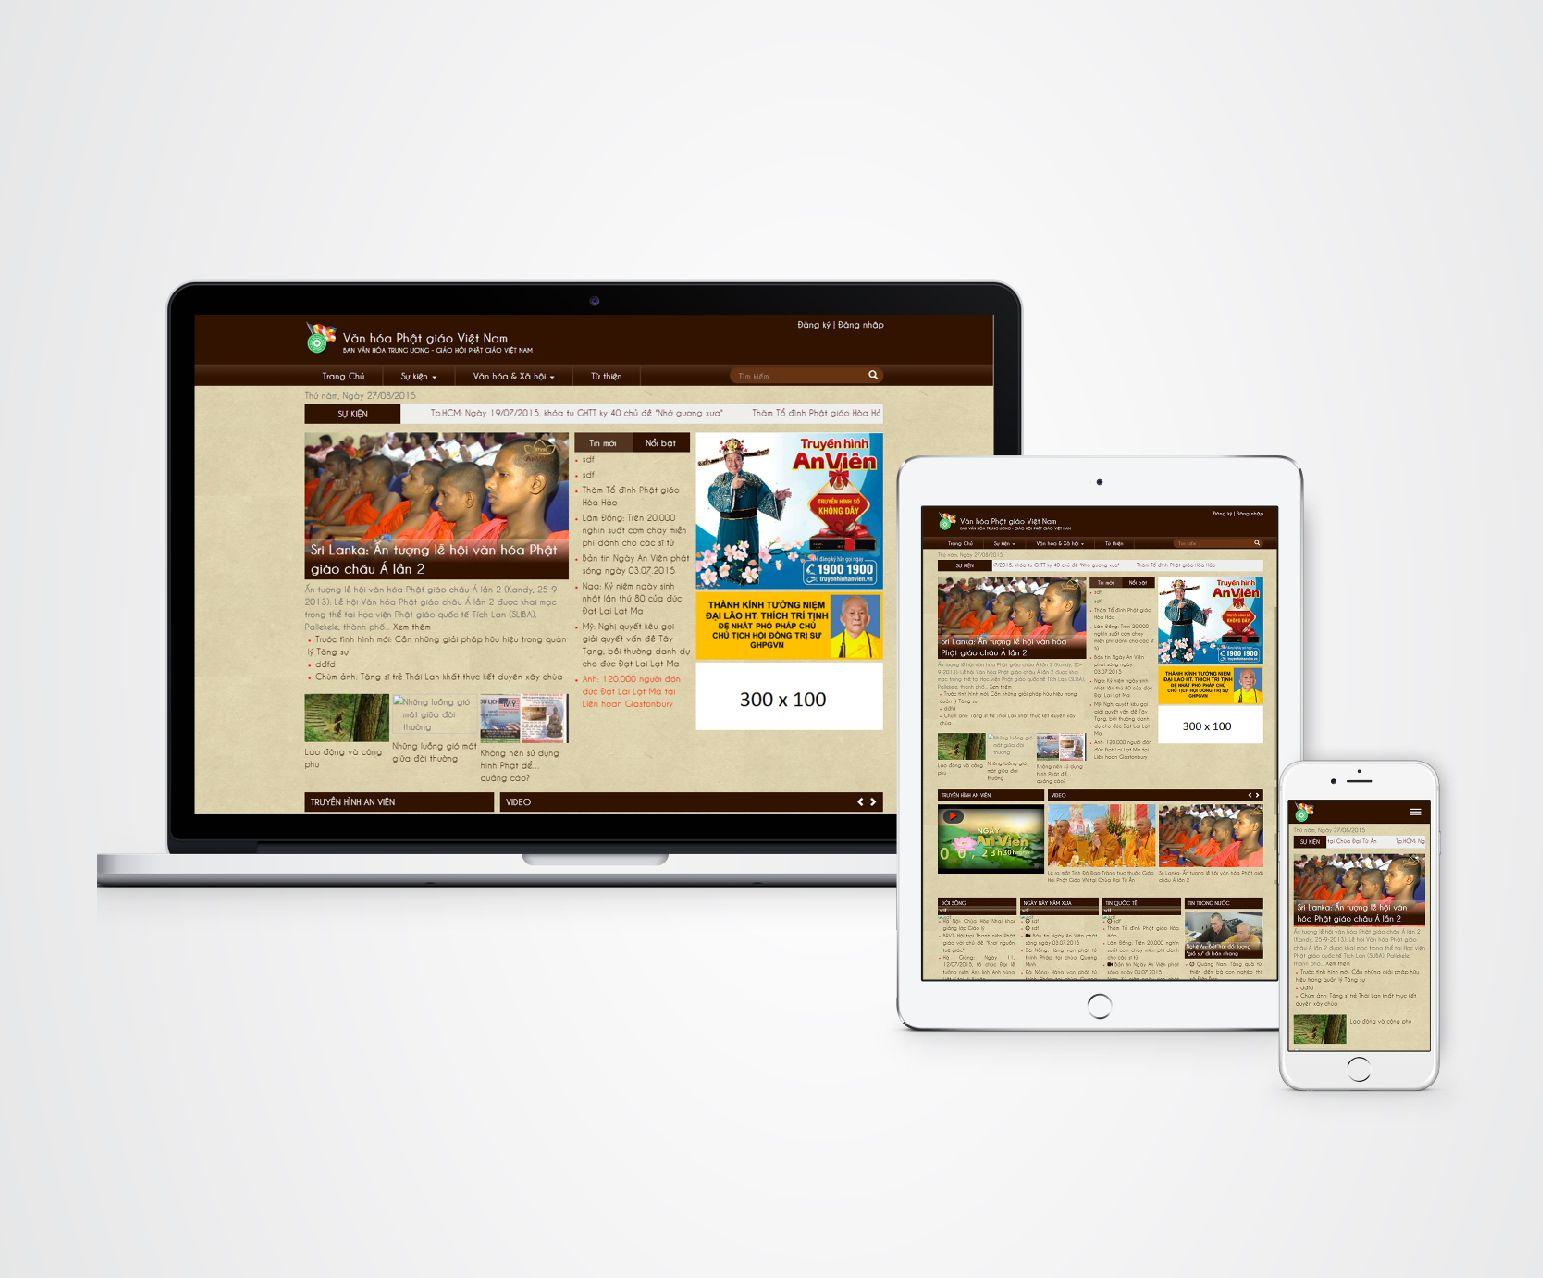 thiết kế website báo điện tử văn hóa phật giáo việt nam